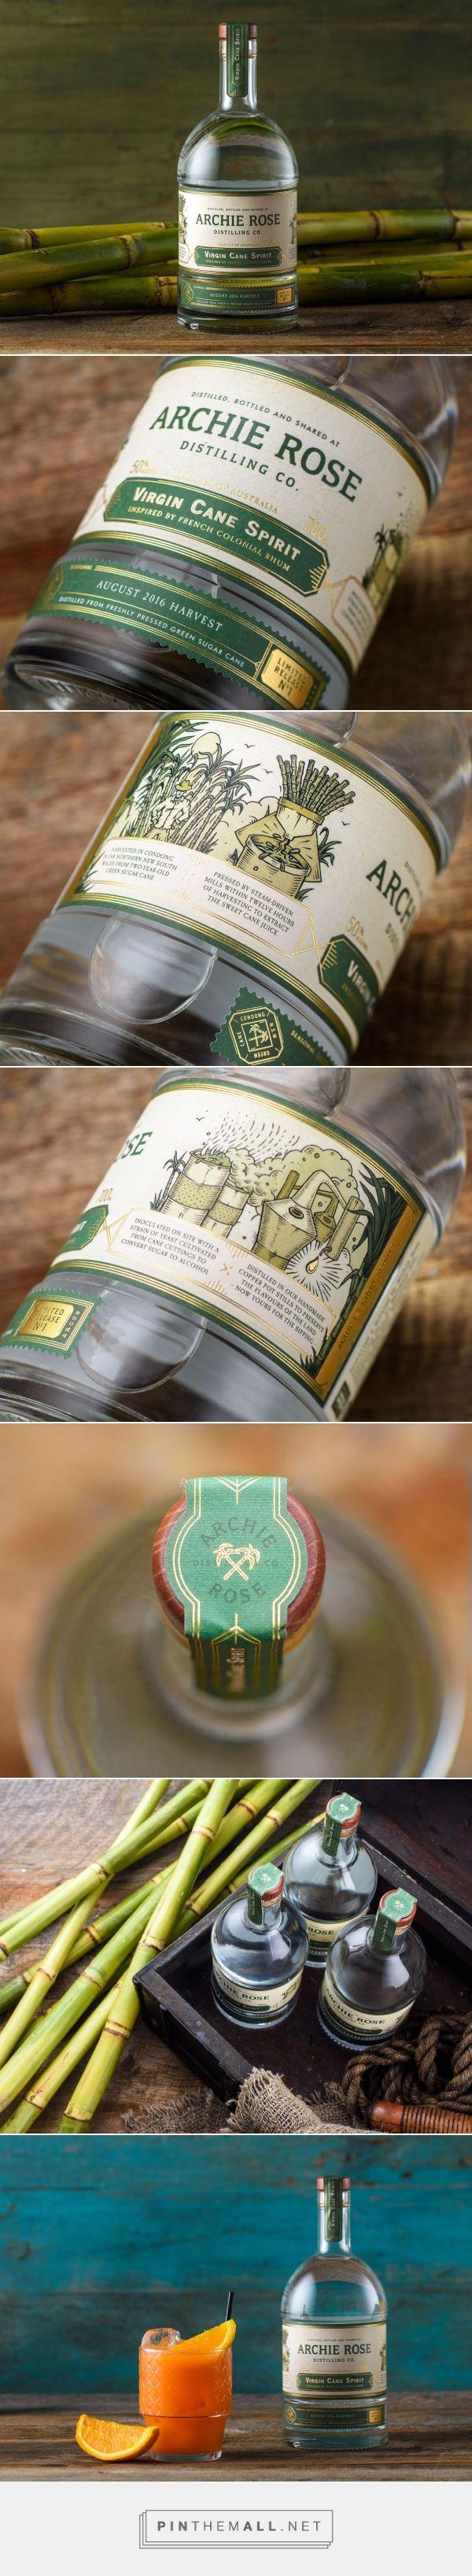 Archie rose virgin cane spirit packaging design by squad ink design studio http